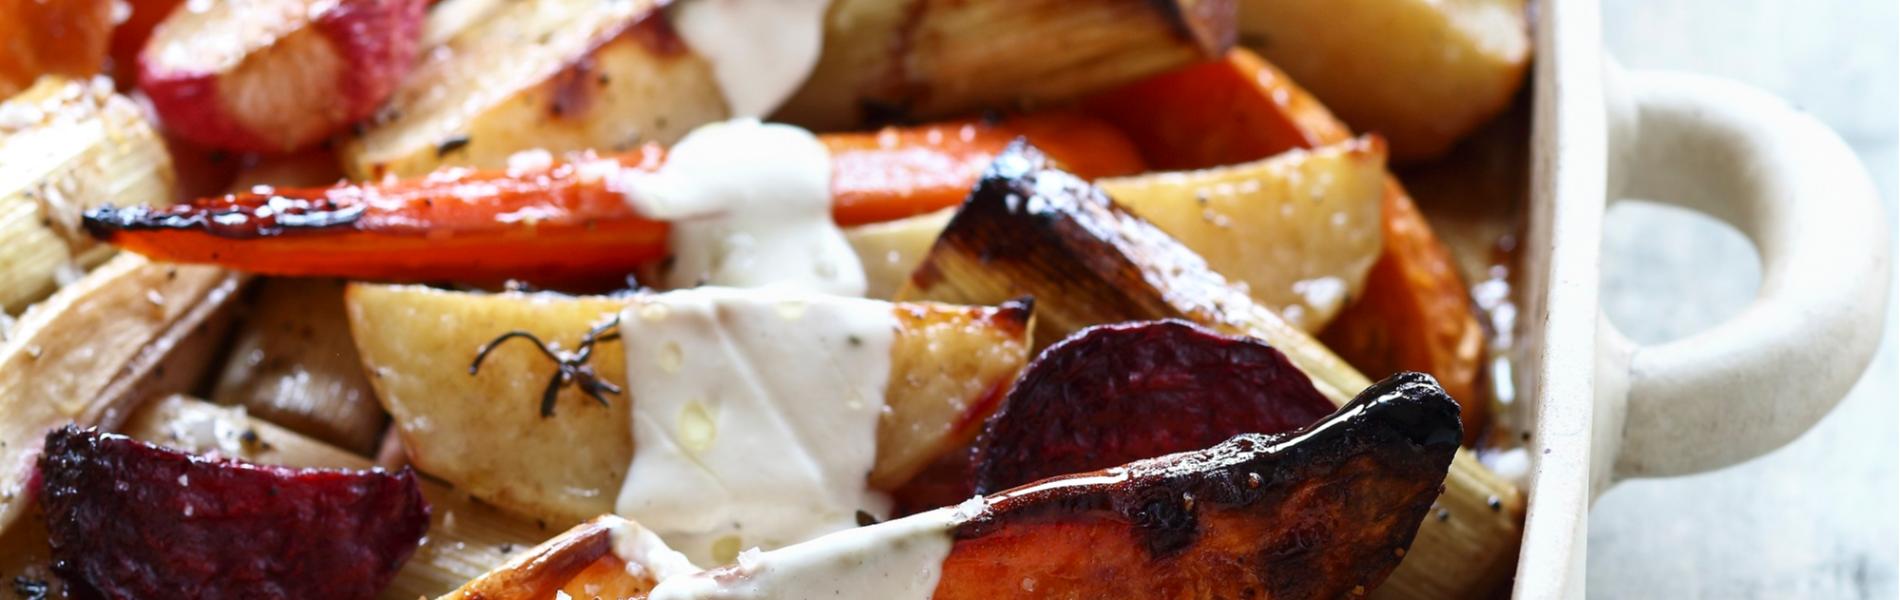 ירקות אנטיפסטי קלויים בתנור מוגשים עם יוגורט קשיו פיקנטי מתקתק